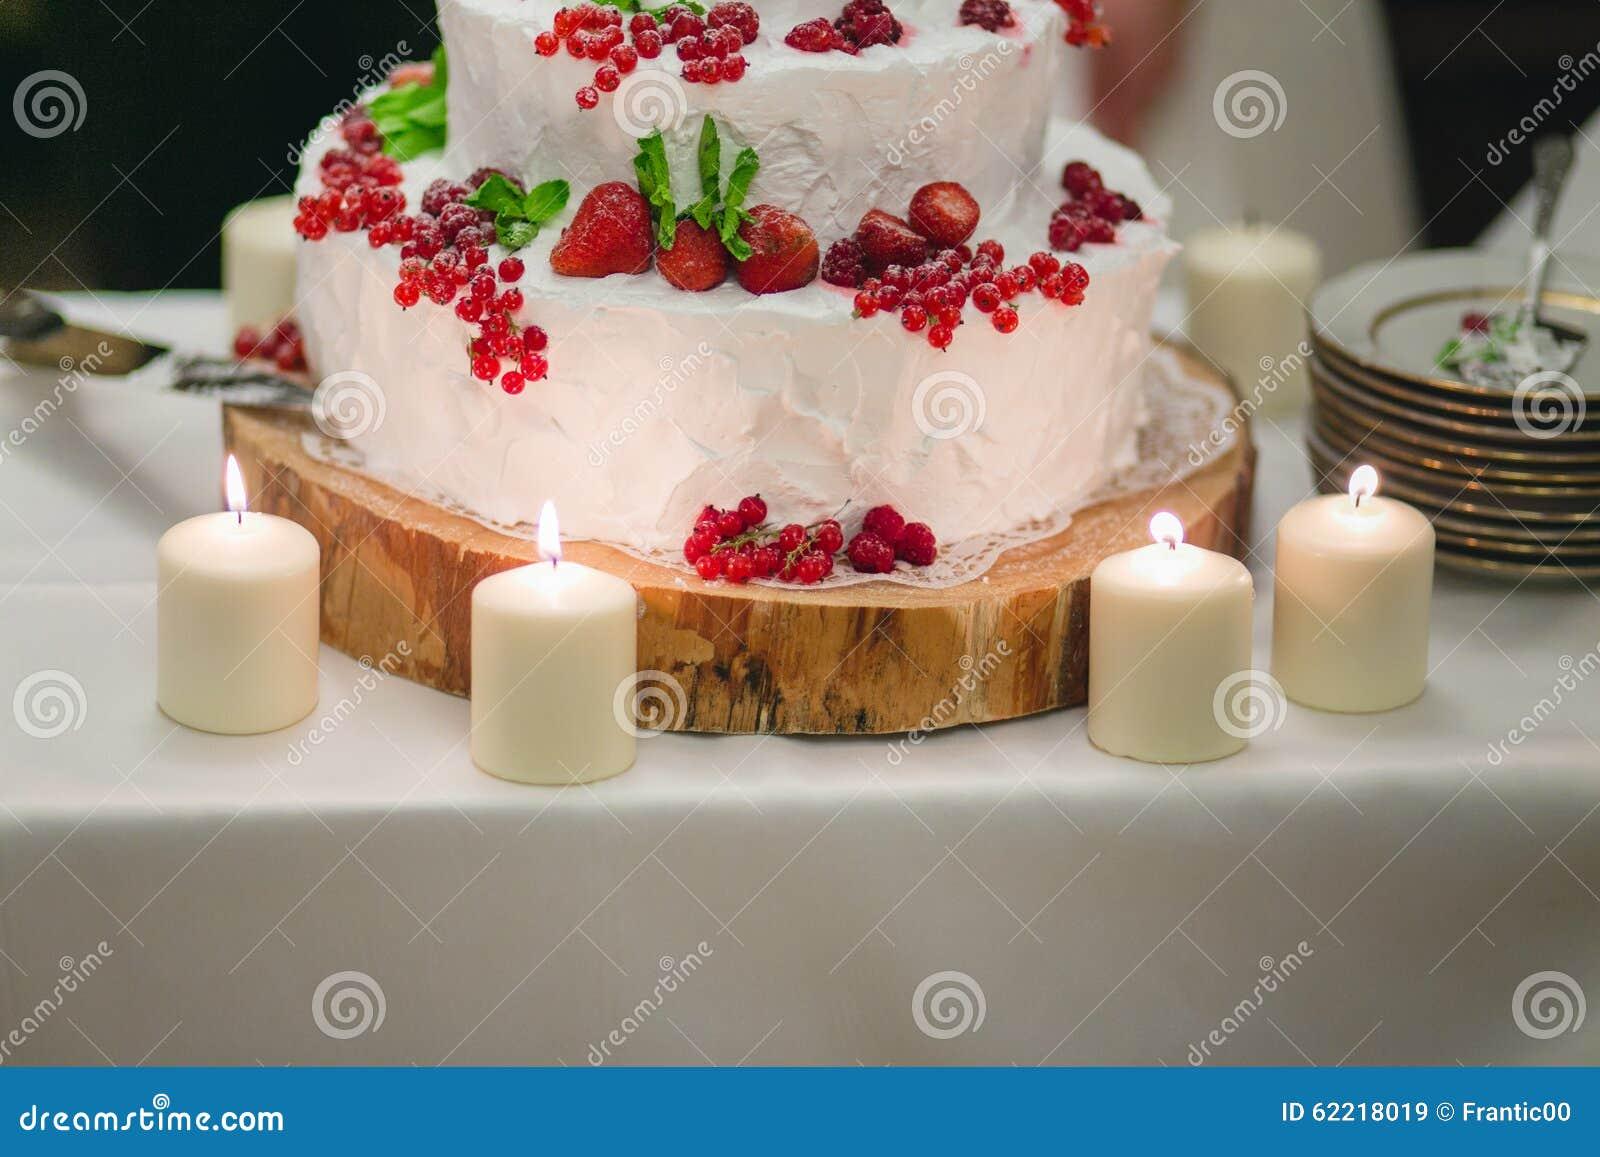 Hochzeitstorte Mit Beeren Stockbild Bild Von Geburtstag 62218019